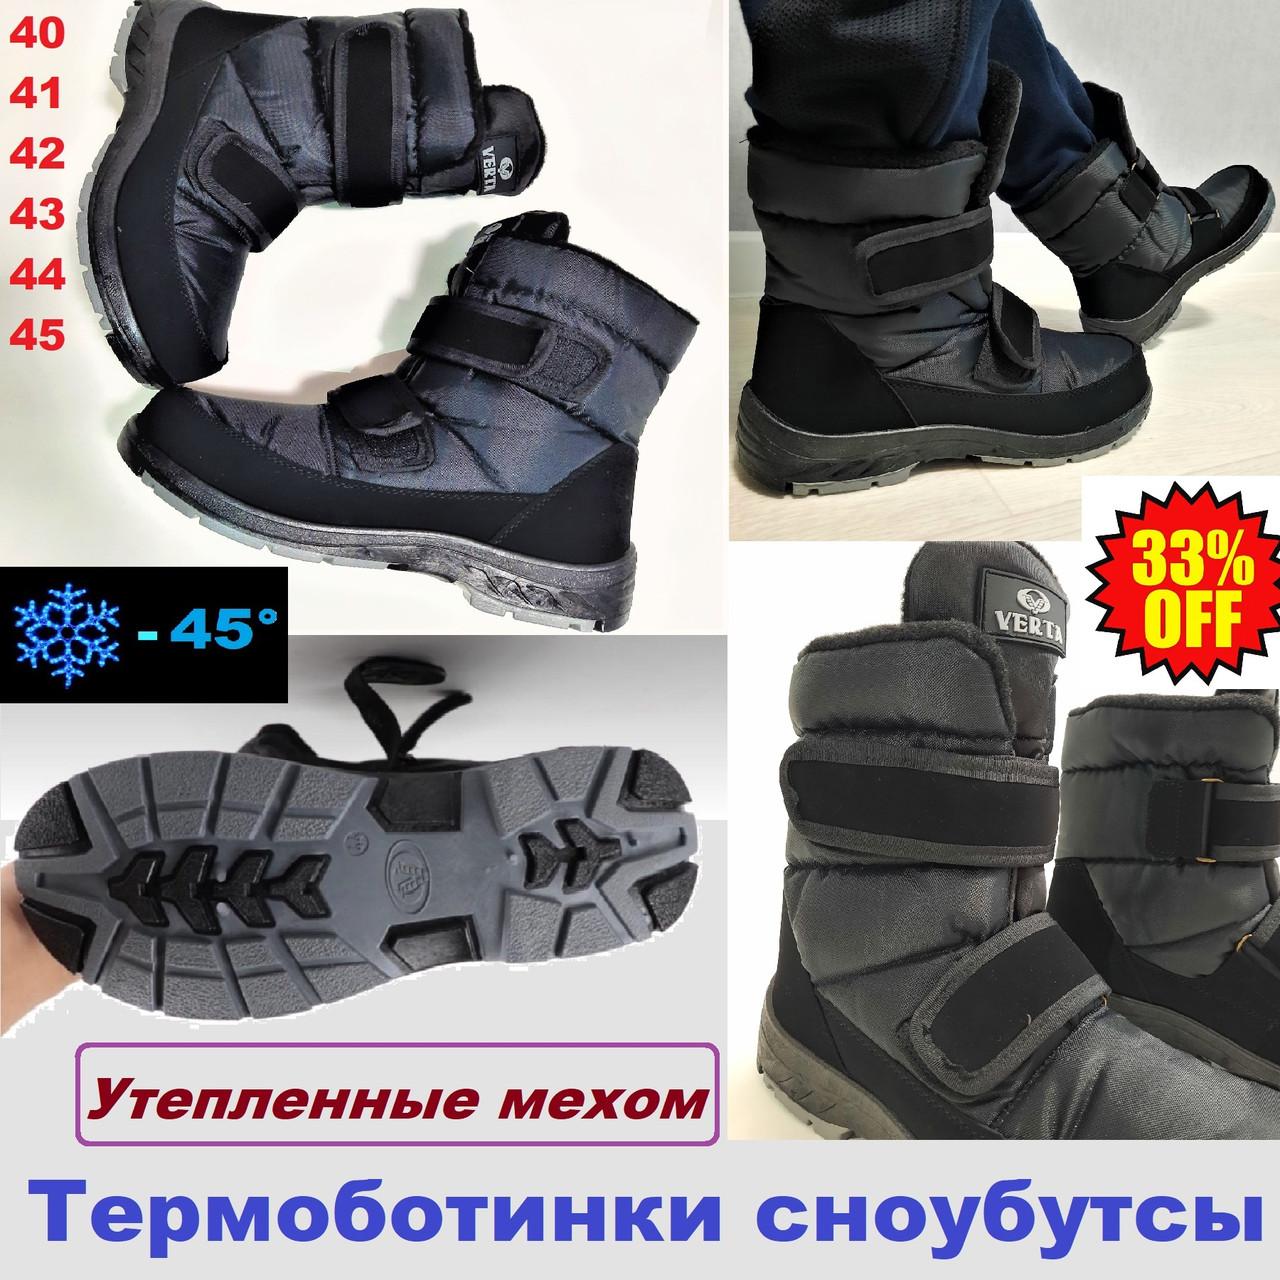 Мужские зимние ботинки высокие, сапоги, дутики, сноубутсы, термоботинки, берцы Аляска.